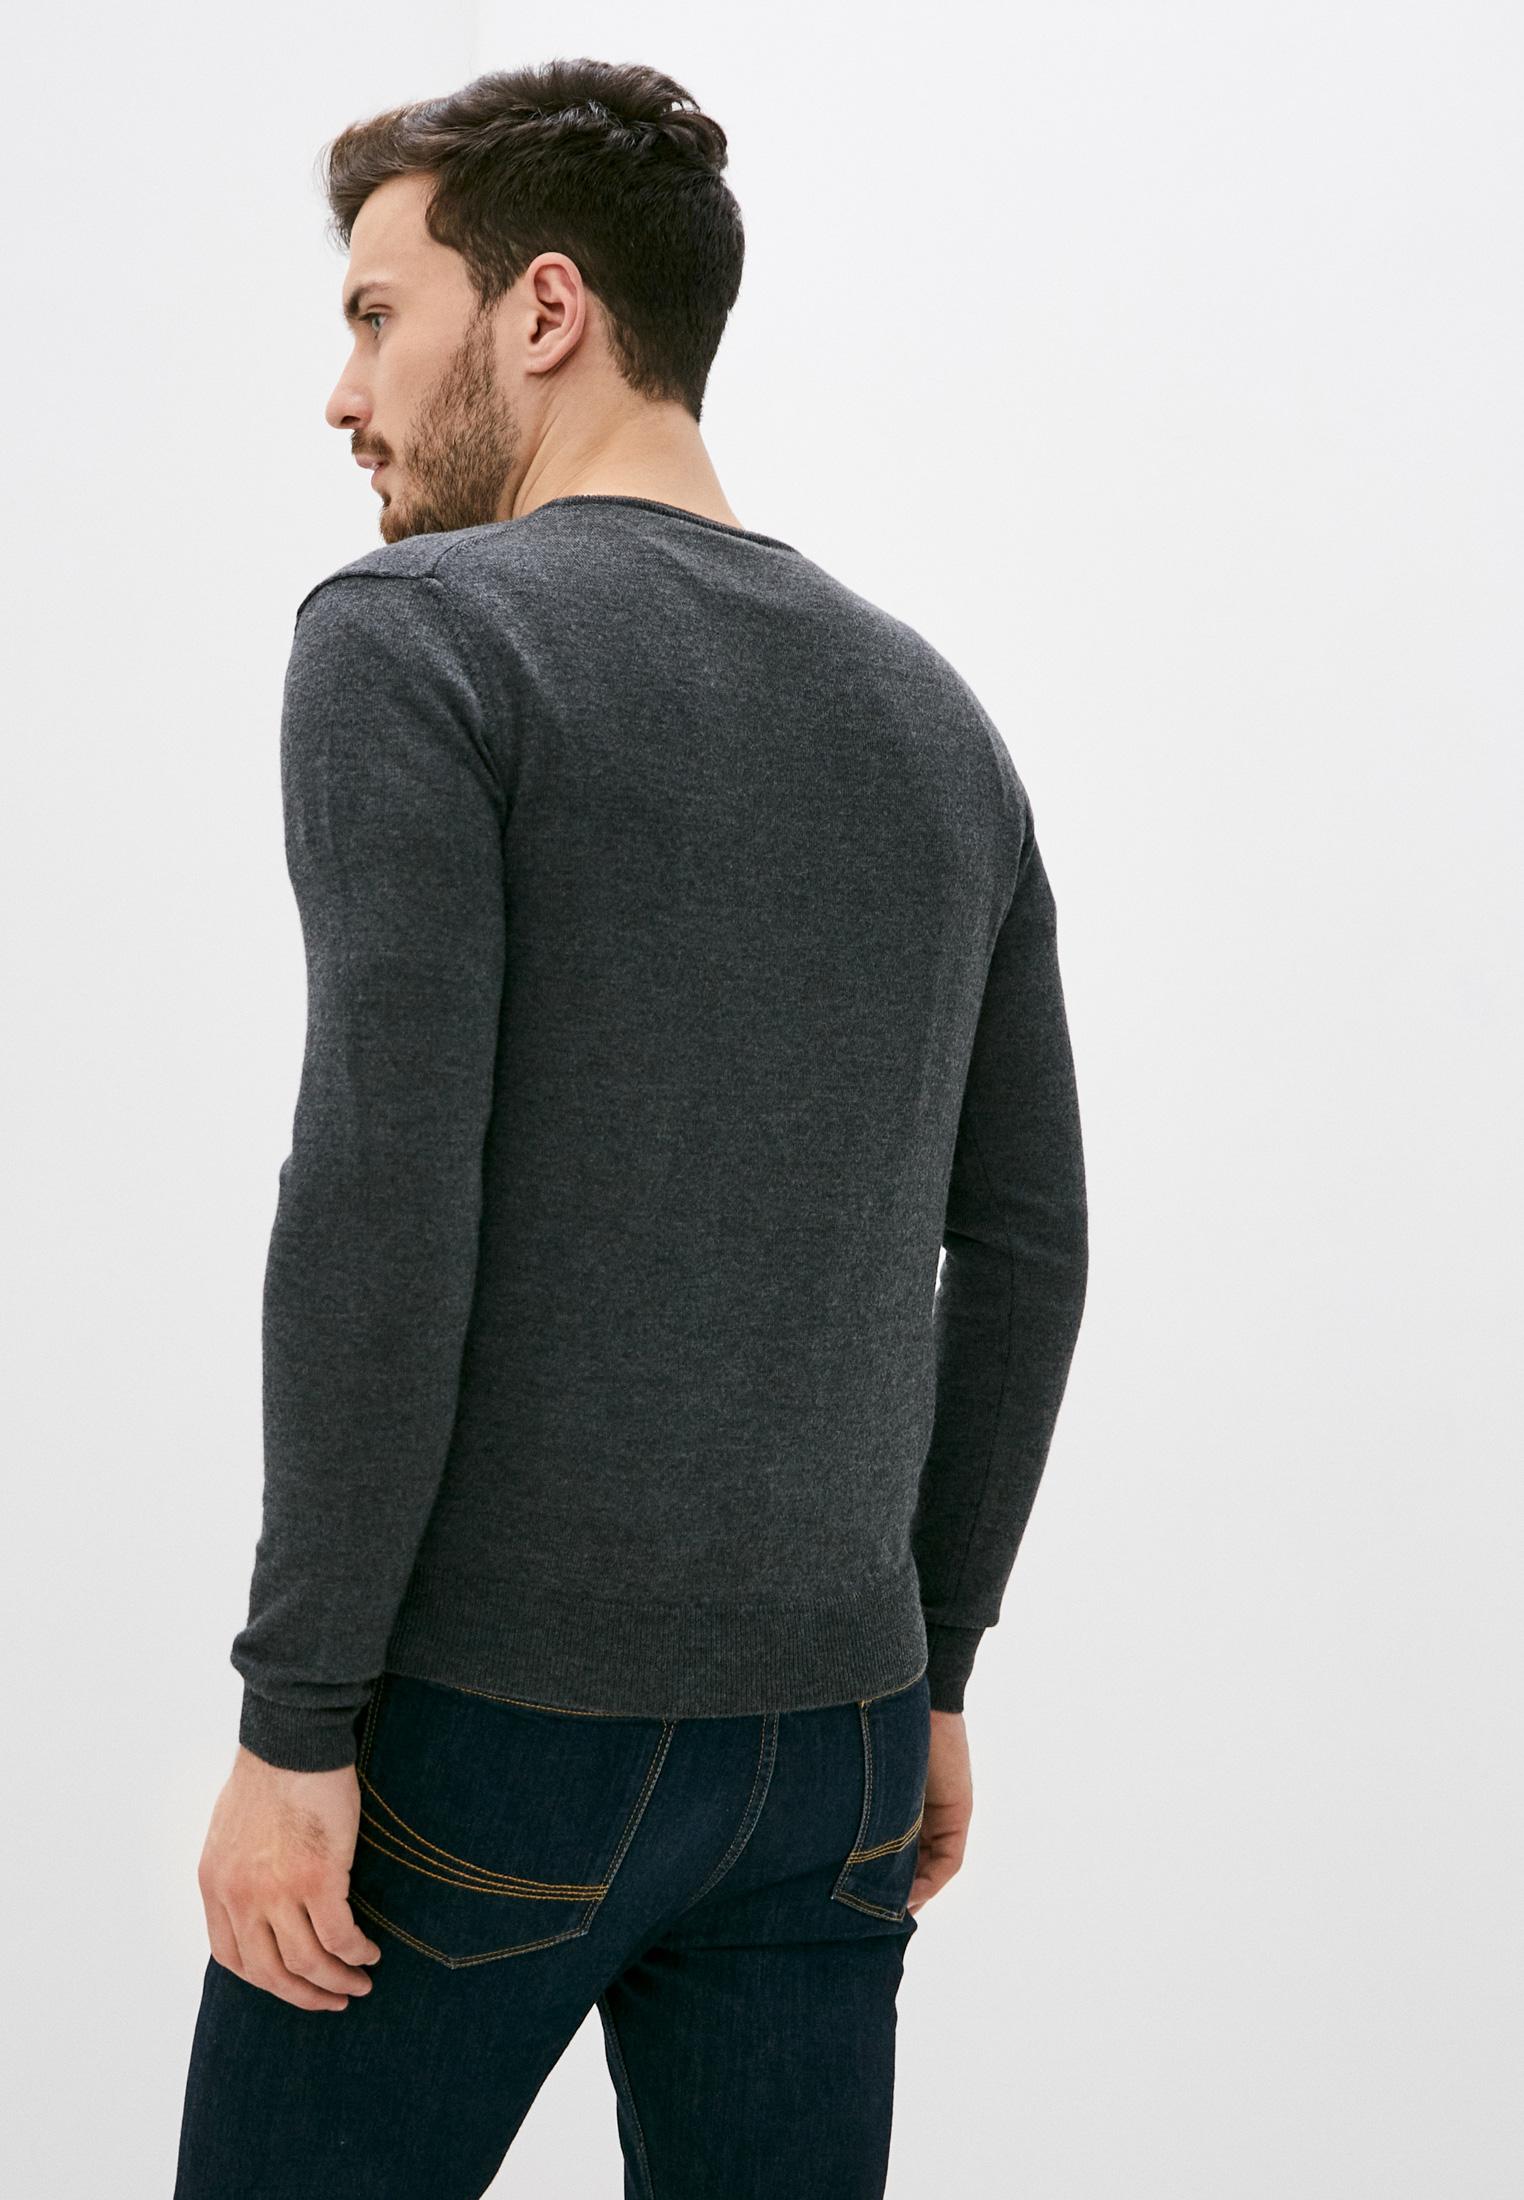 Пуловер Baldinini (Балдинини) MU0210: изображение 4